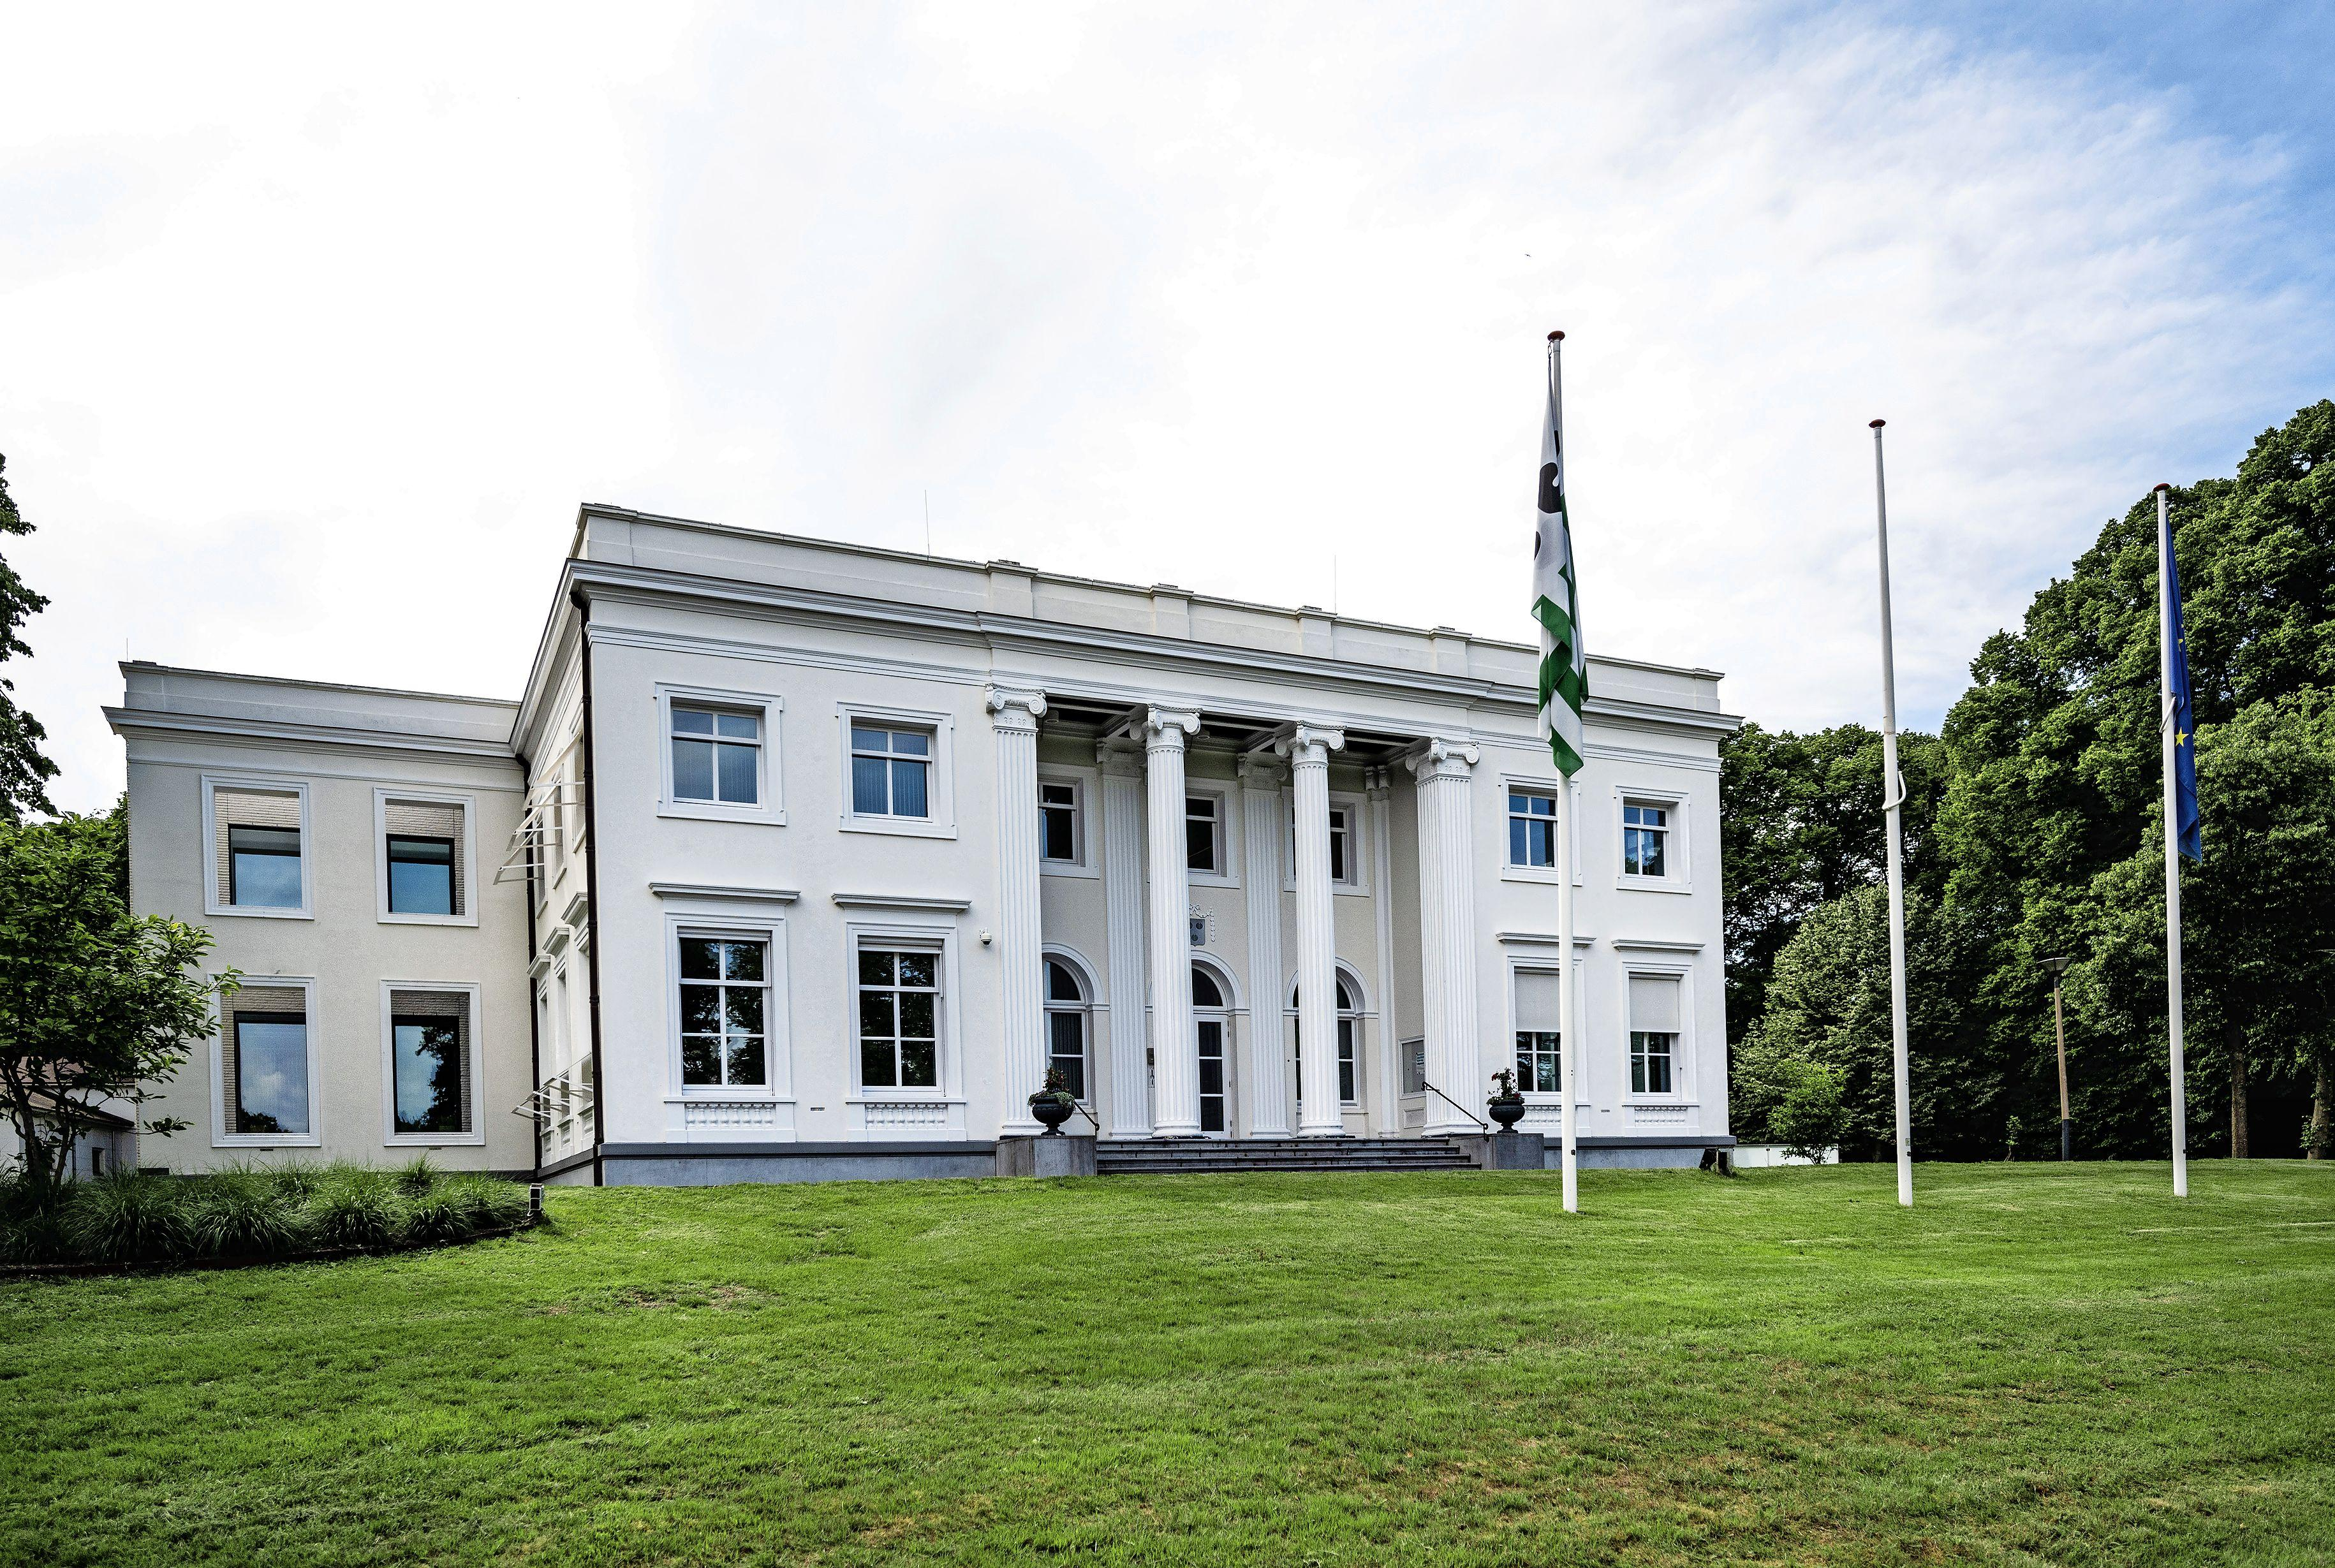 Meer openheid in Bloemendaal rond deal met landgoedeigenaren Hans en Rob Slewe. Bedragen worden donderdag bekendgemaakt